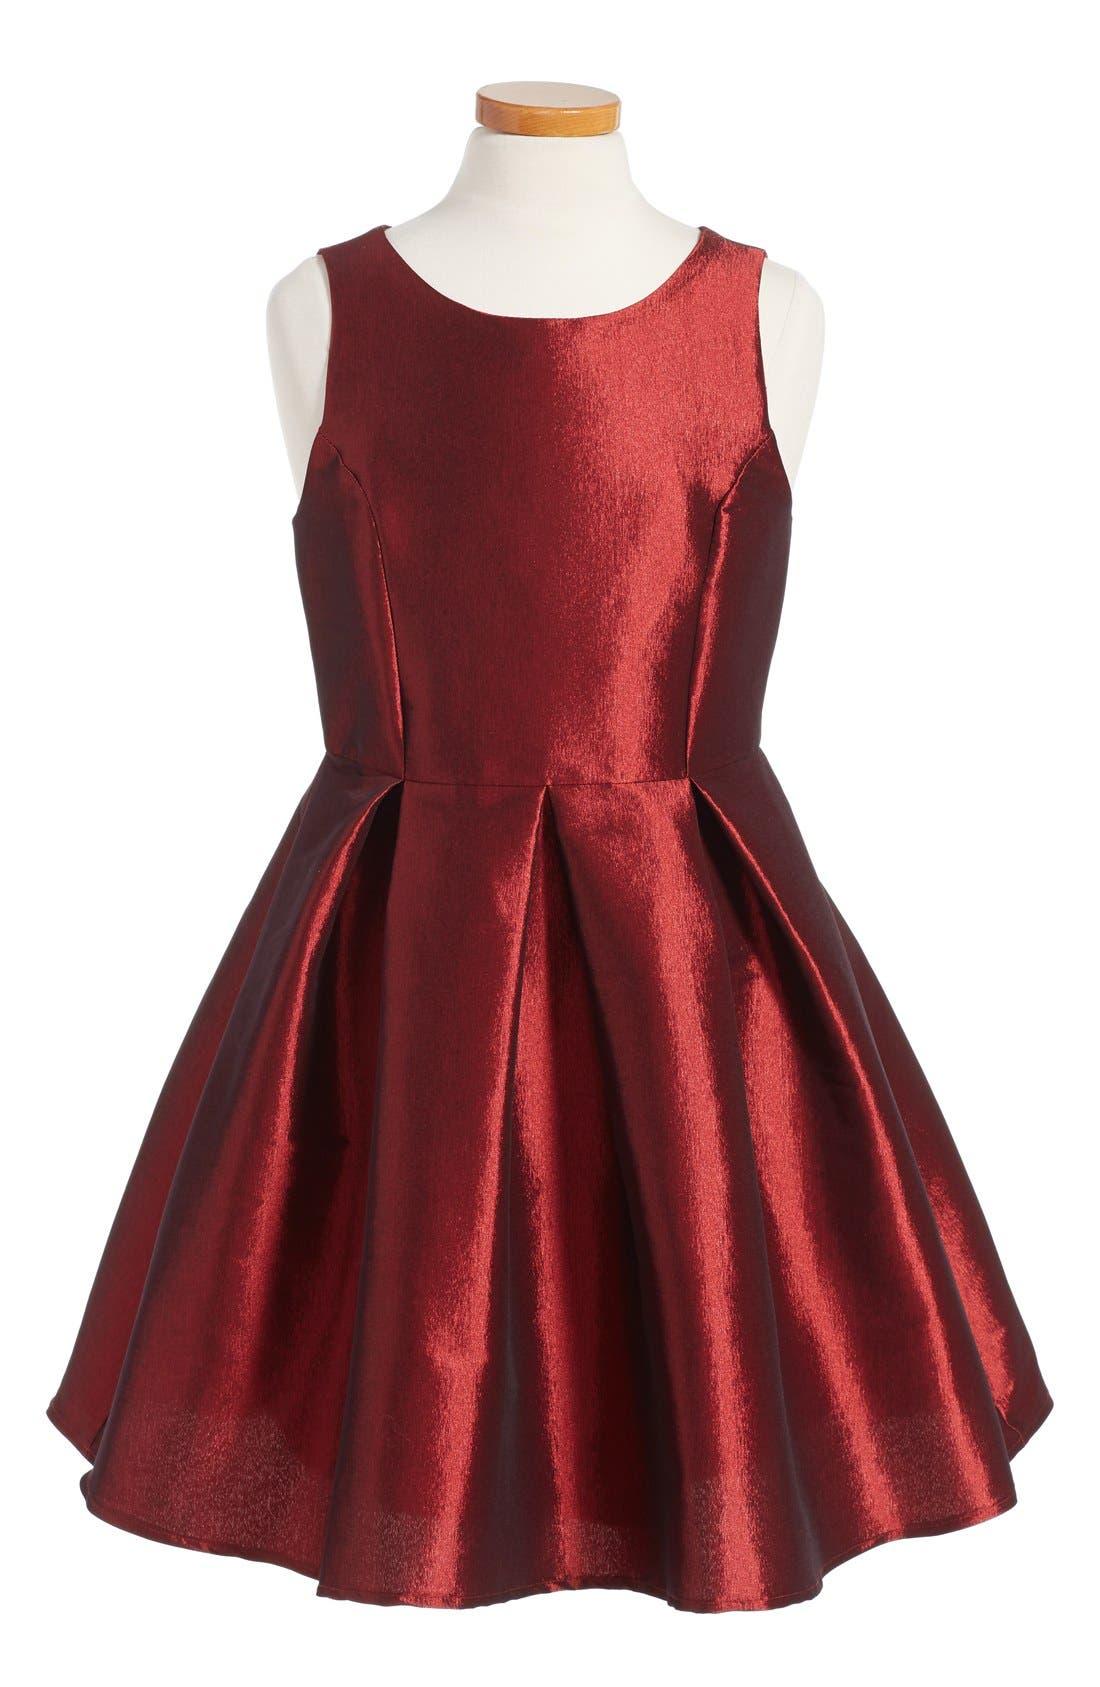 Alternate Image 1 Selected - Soprano Sleeveless Skater Dress (Big Girls)